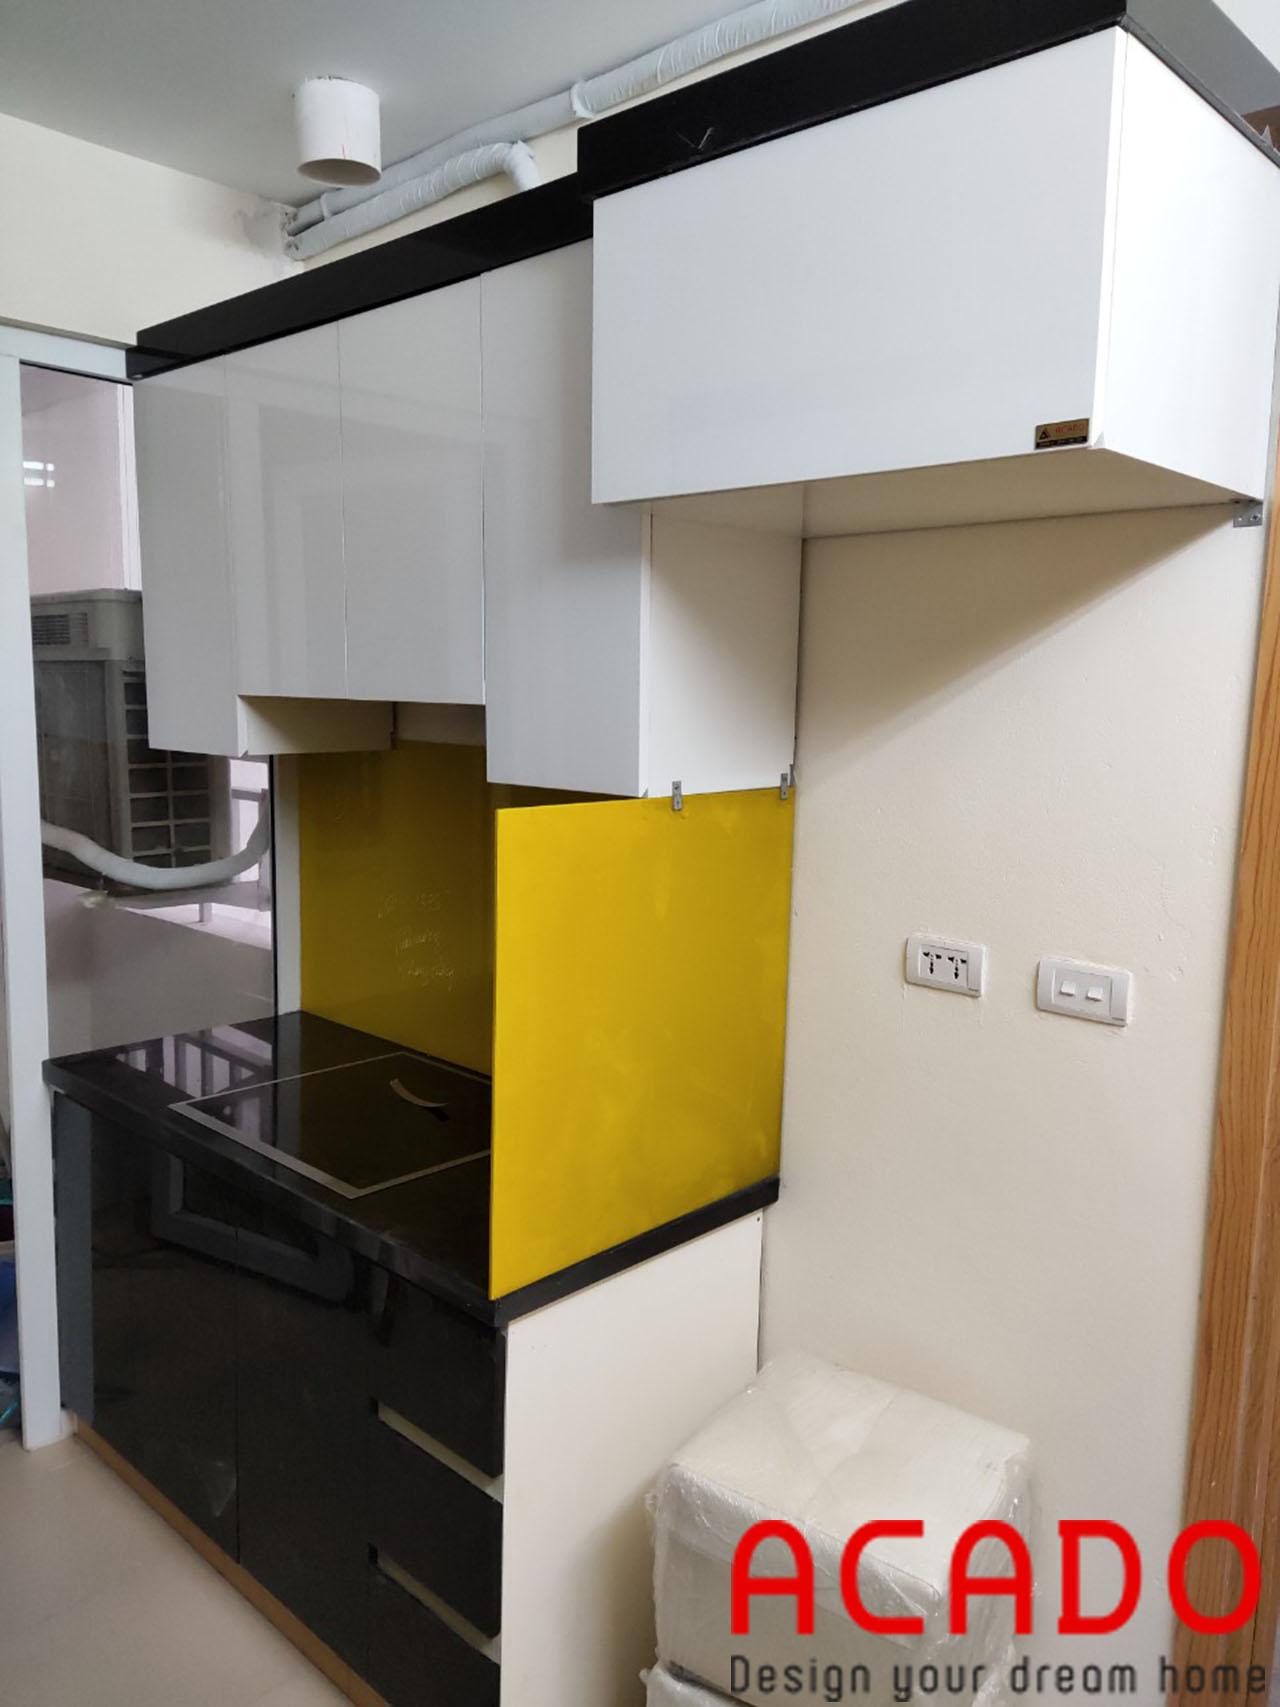 Công trình đóng tủ bếp tại Kiên Hưng được ACADO hoàn thiện và bàn giao cho gia đình anh Đăng